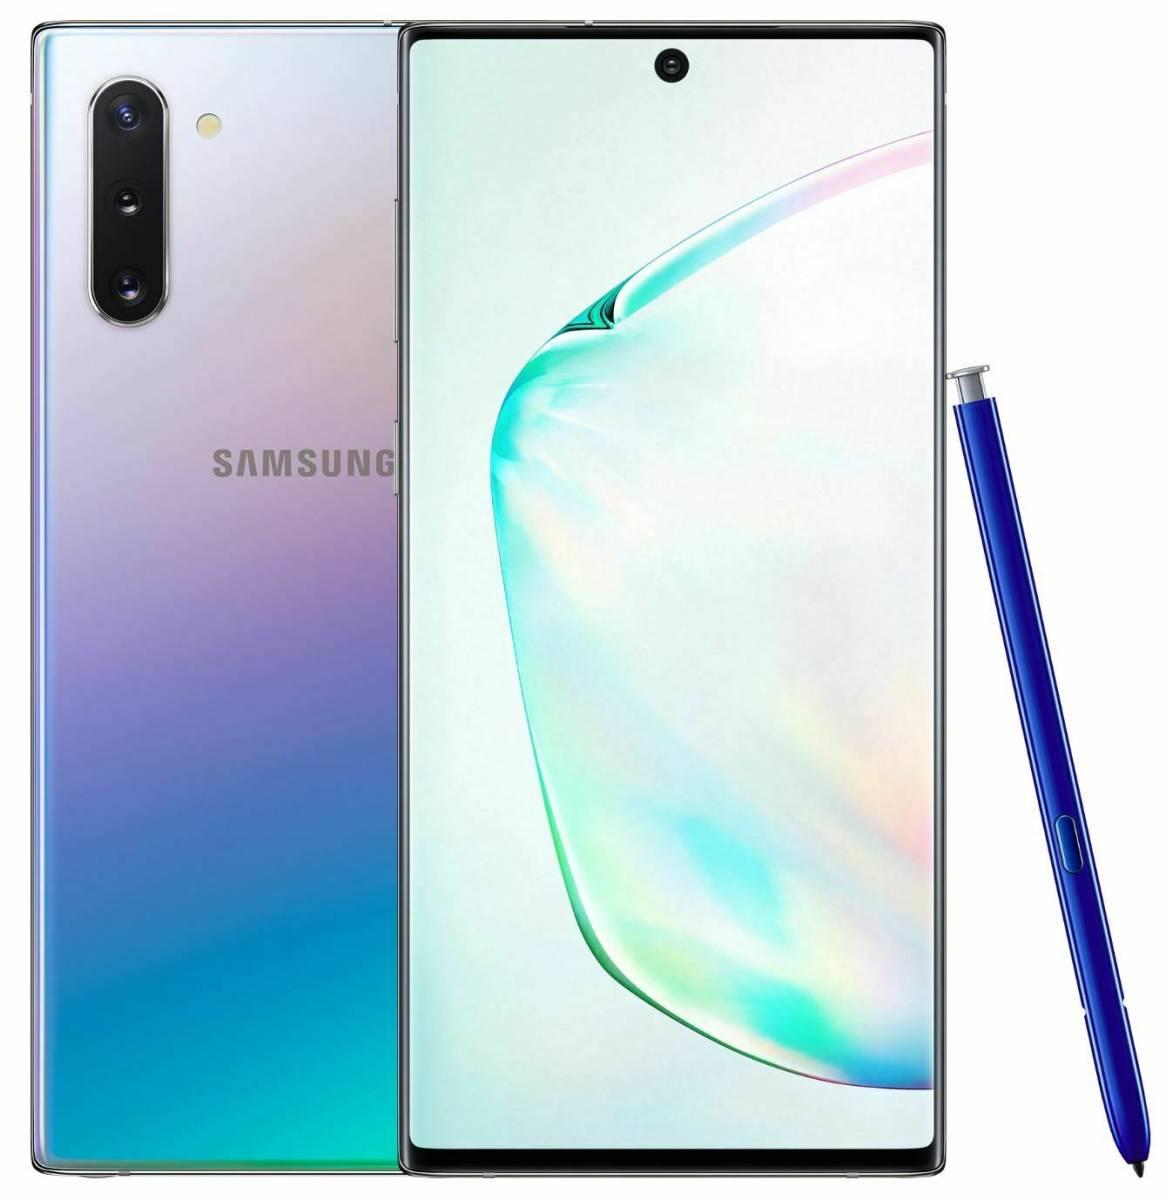 【未開封】 Samsung Galaxy Note10 SM-N9700 Dual SIM 香港版SIMフリー 8GB/256GB オーラ